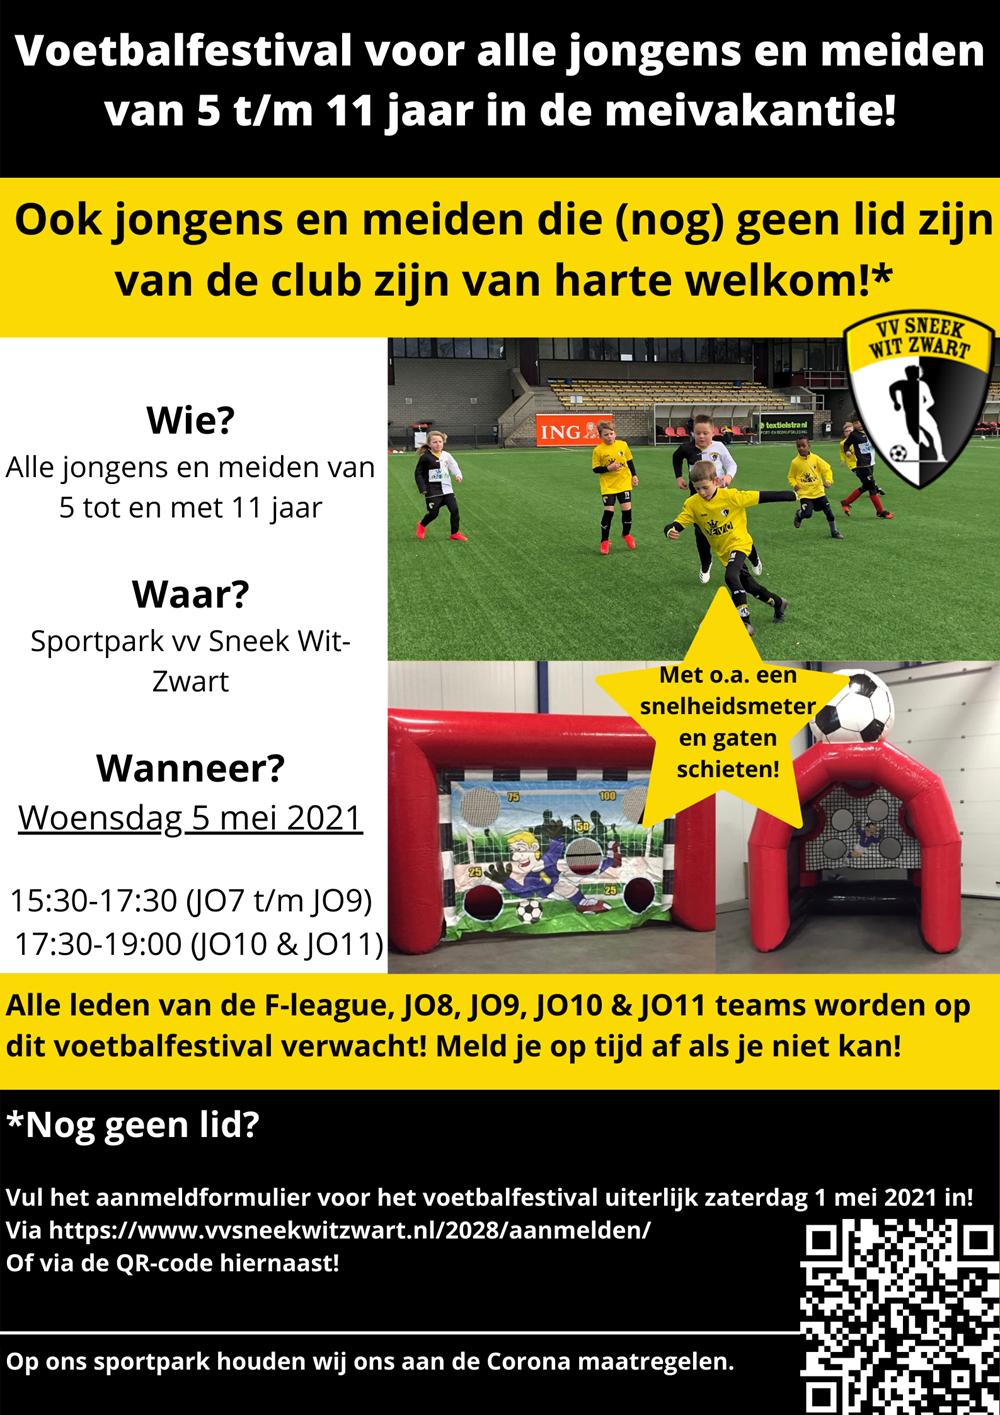 Voetbalfestival_in_de_meivakantie_.png